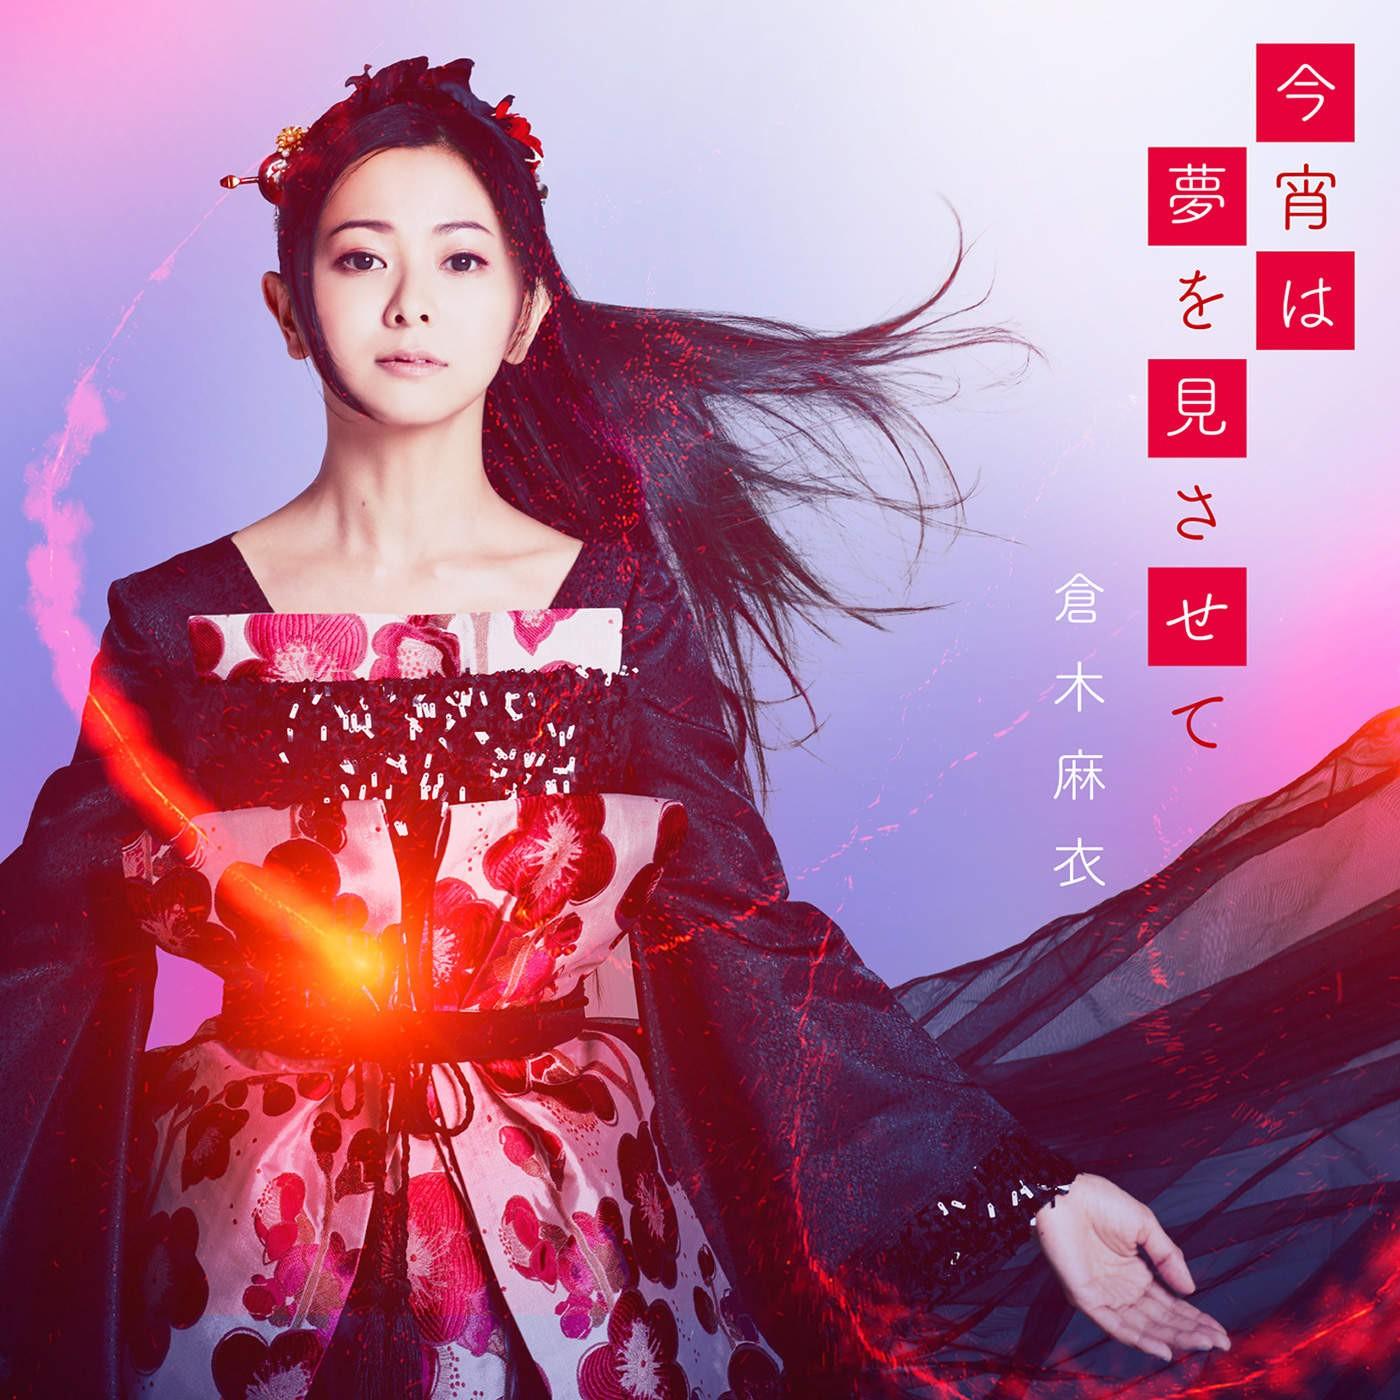 倉木麻衣 (Mai Kuraki) – 今宵は夢を見させて [AAC 256 / WEB] [2018.08.08]